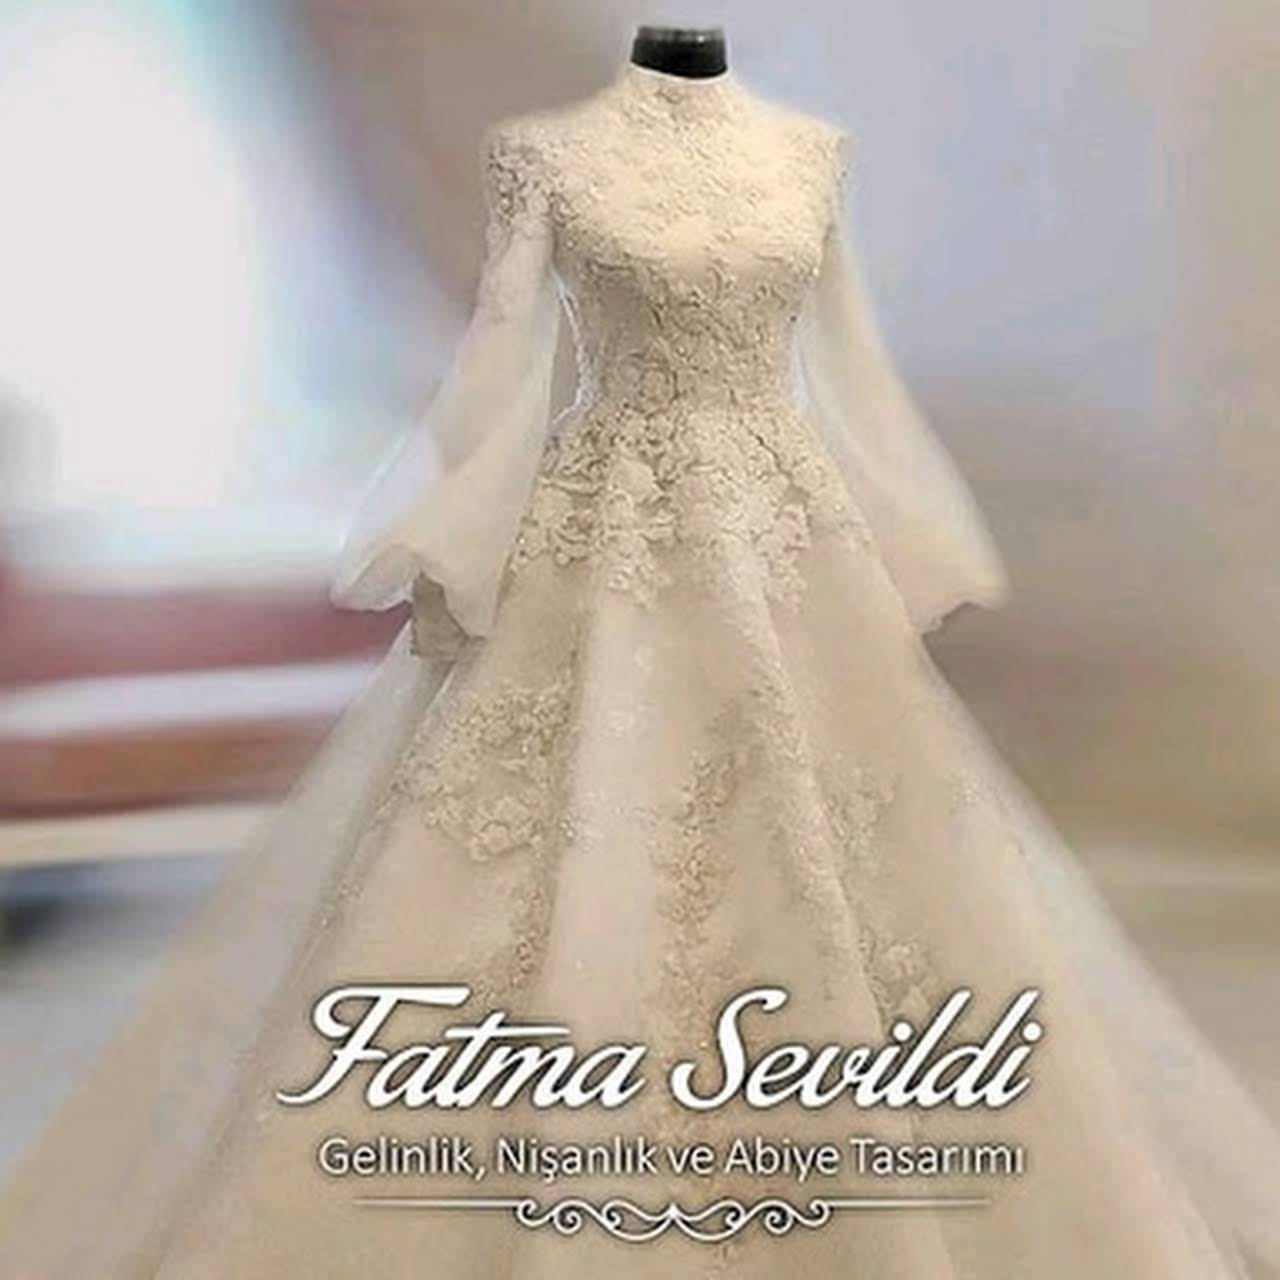 faaa3c1d23258 Fatma Sevildi Tesettür Modaevi - Gelinlik ve Nişanlık - Kişiye Özel ...